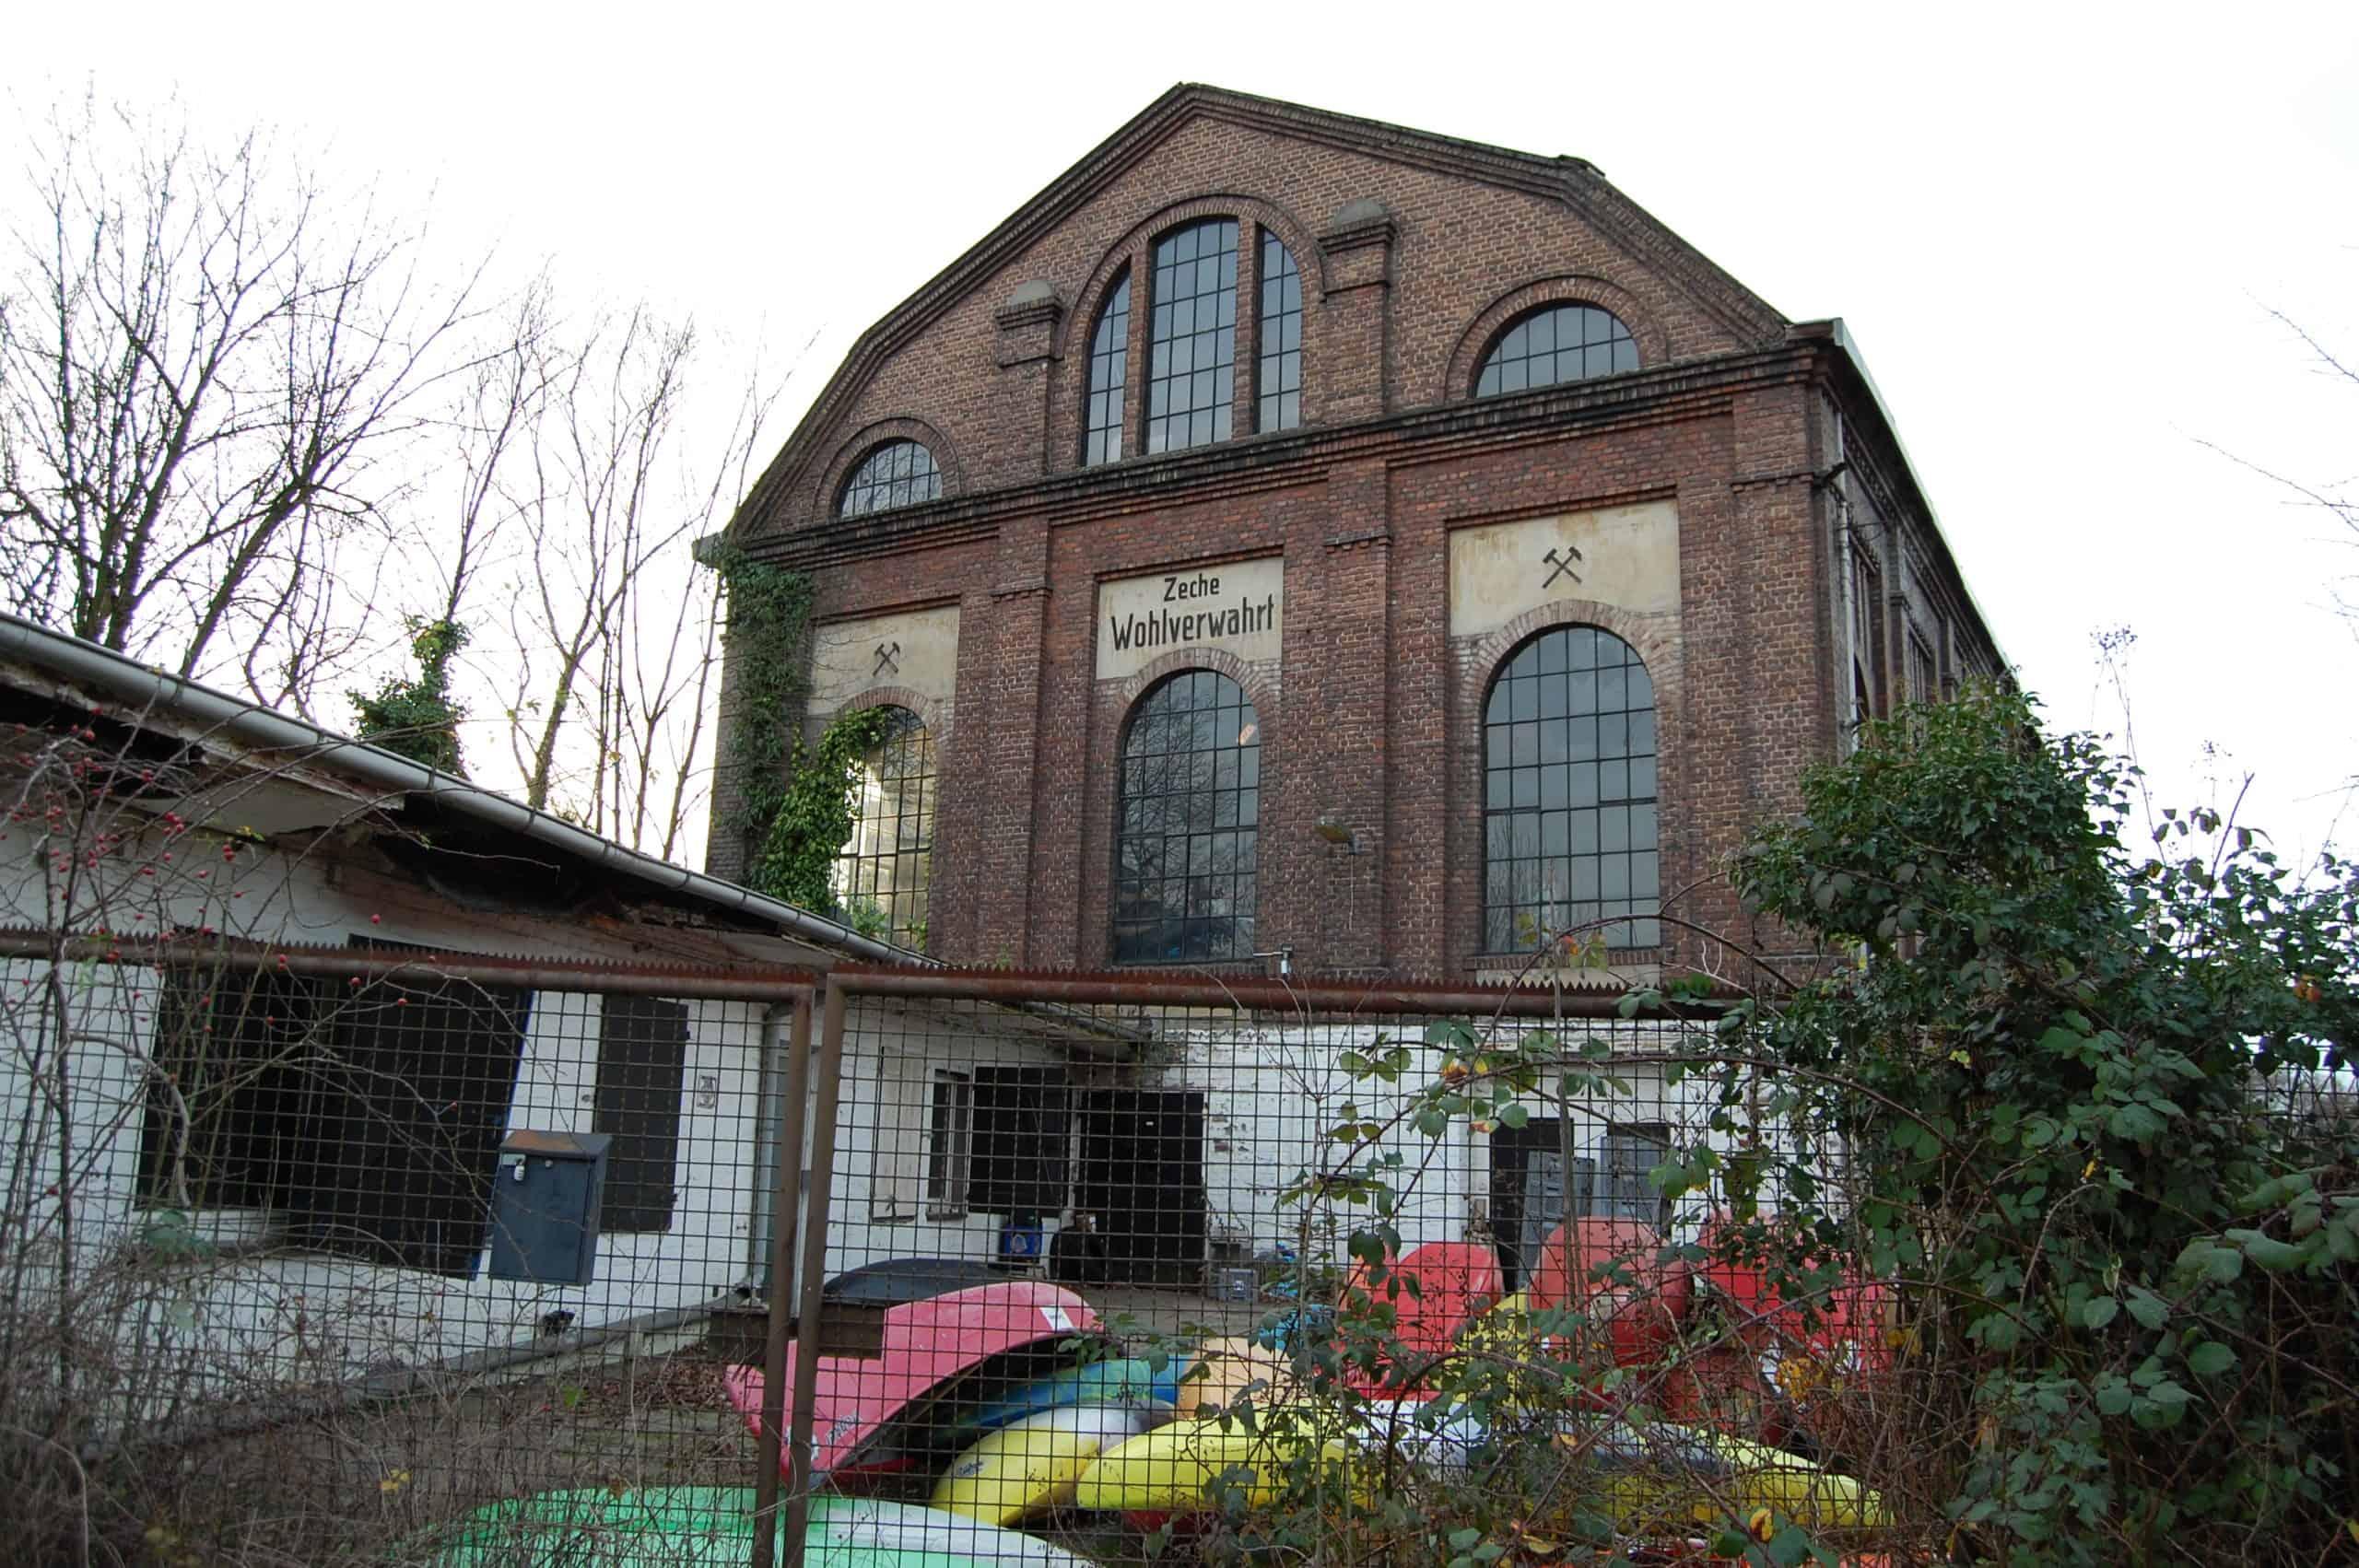 Maschinenhalle der Zeche Wohlverwahrt in Essen-Horst, Foto: Revierkohle